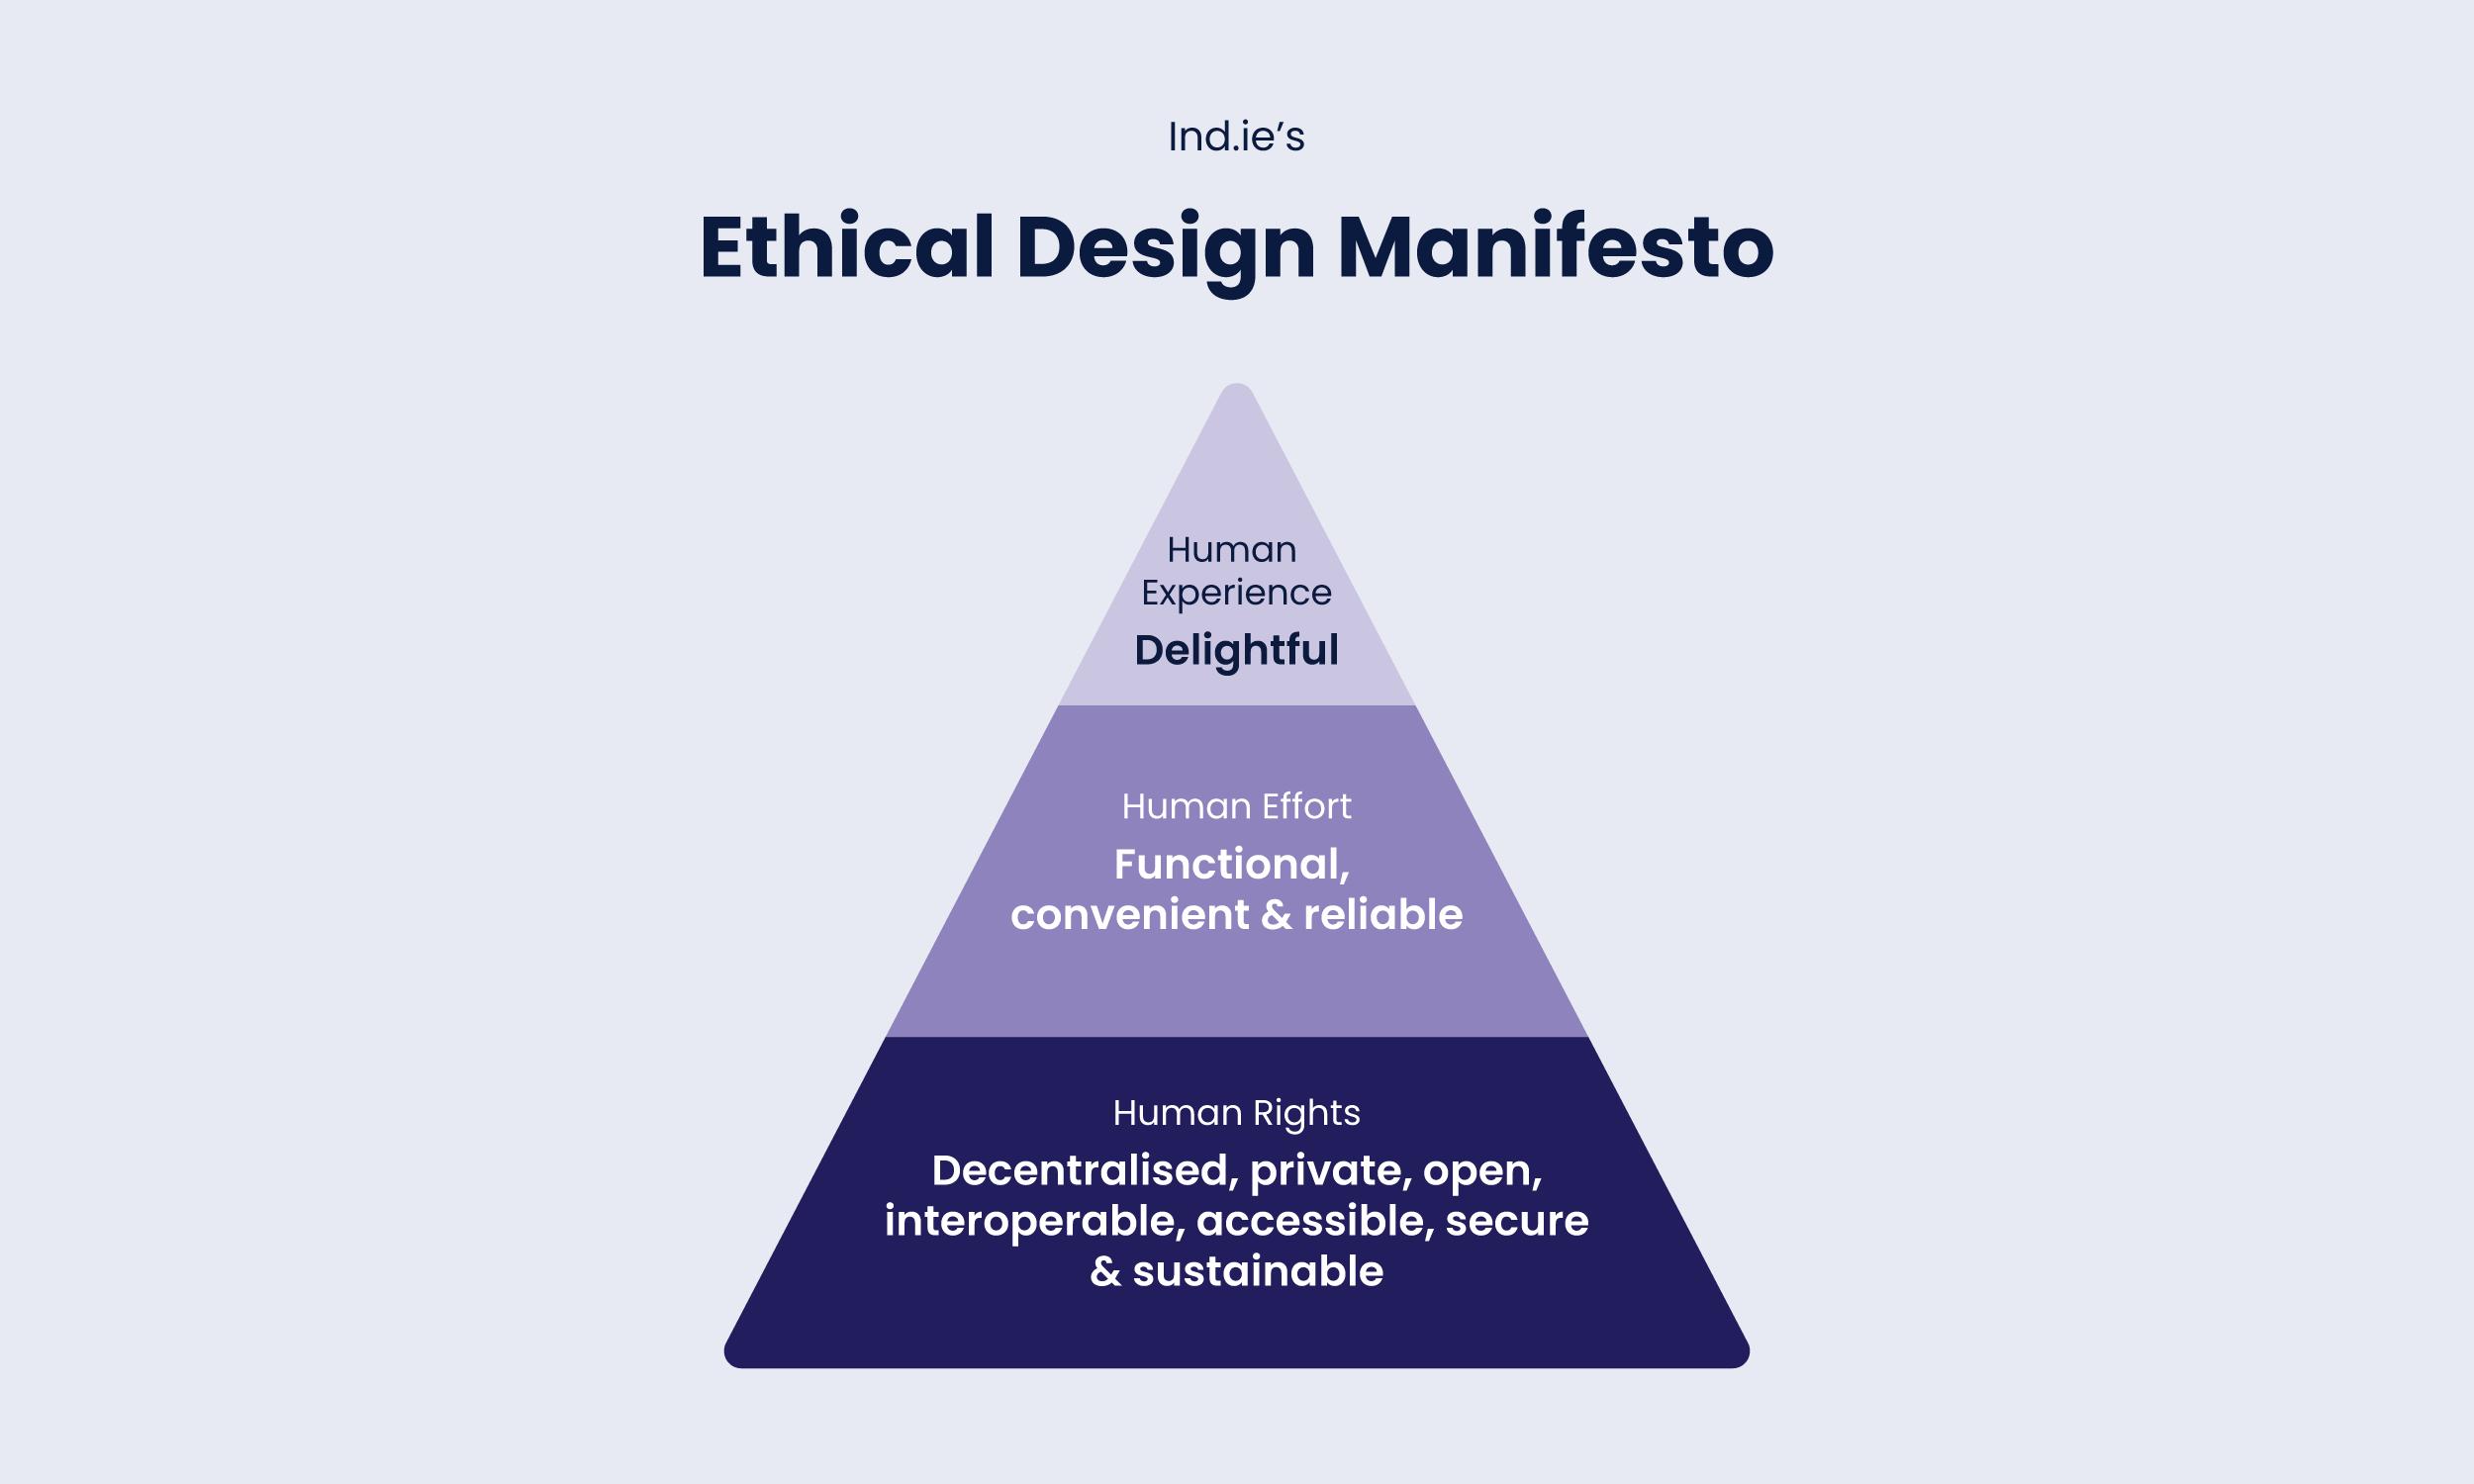 Ethical design manifesto